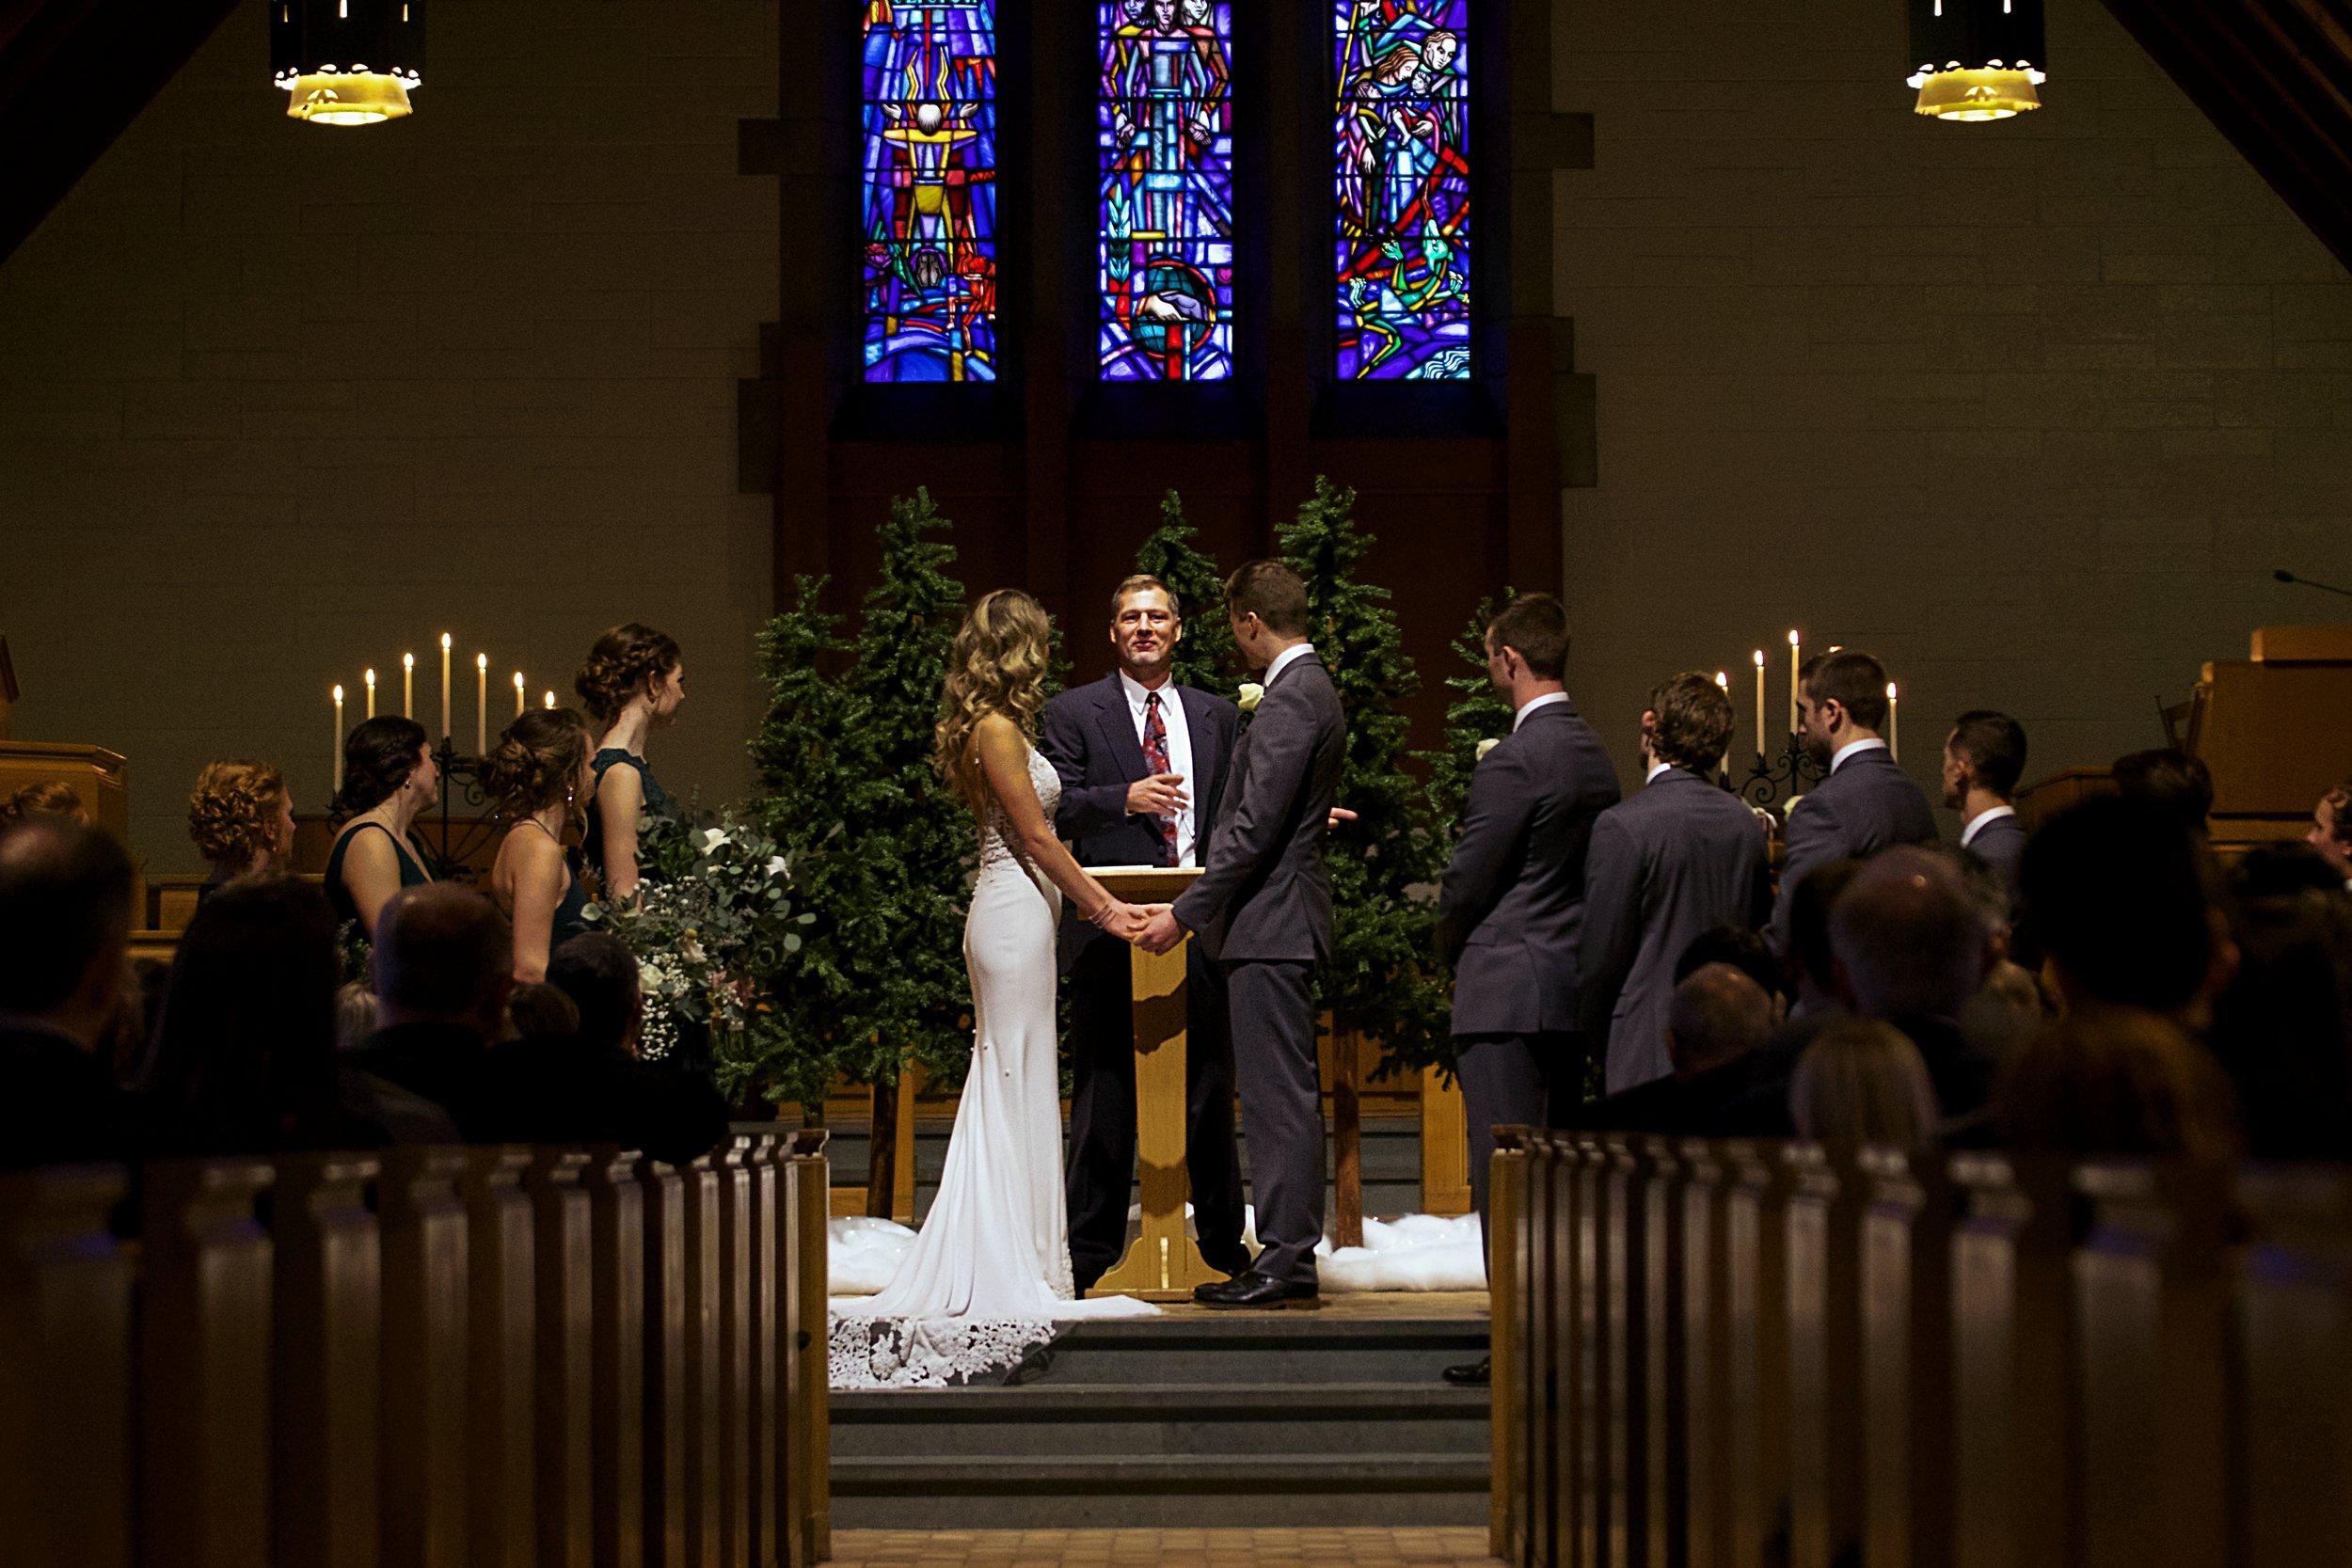 haak-wedding_4_39893143141_o.jpg